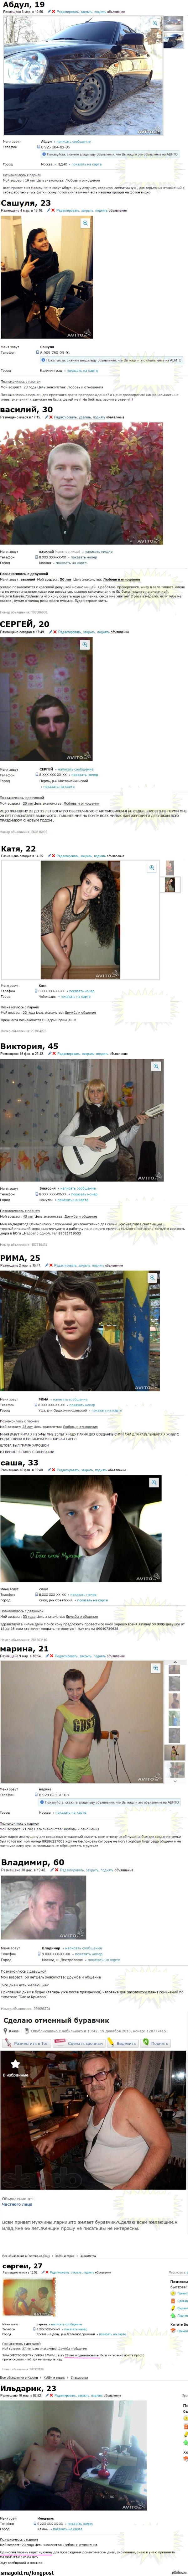 Знакомства В Перми Сландо .ру